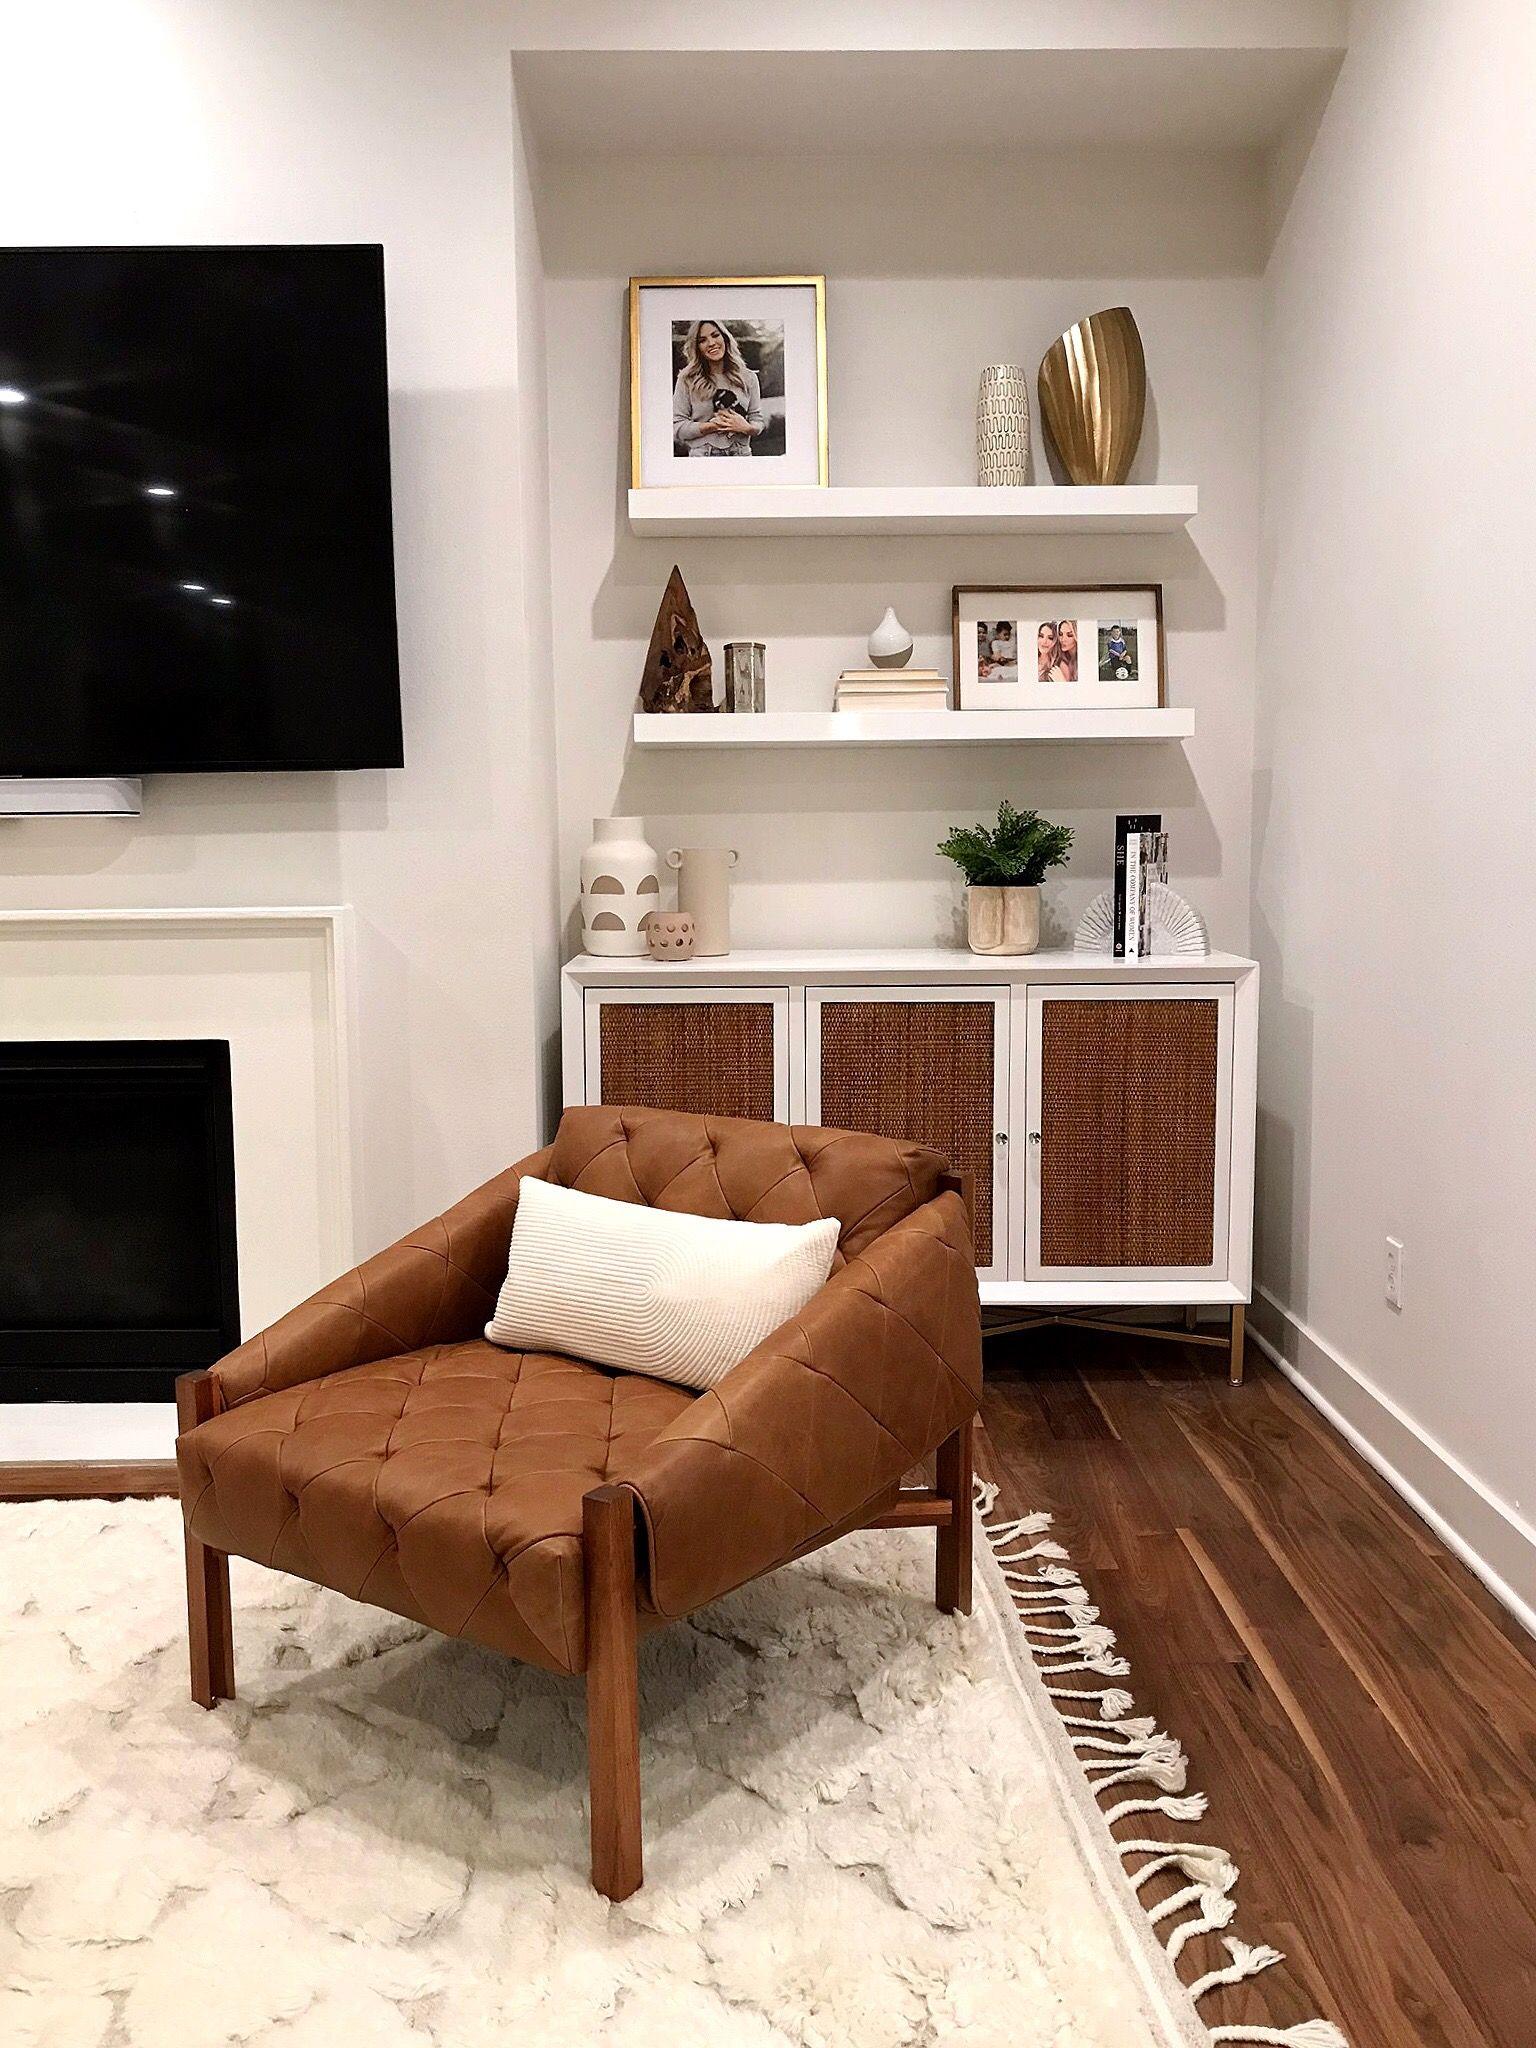 Progress Realm Design Co X Becca Tilley Living Room Neutrals